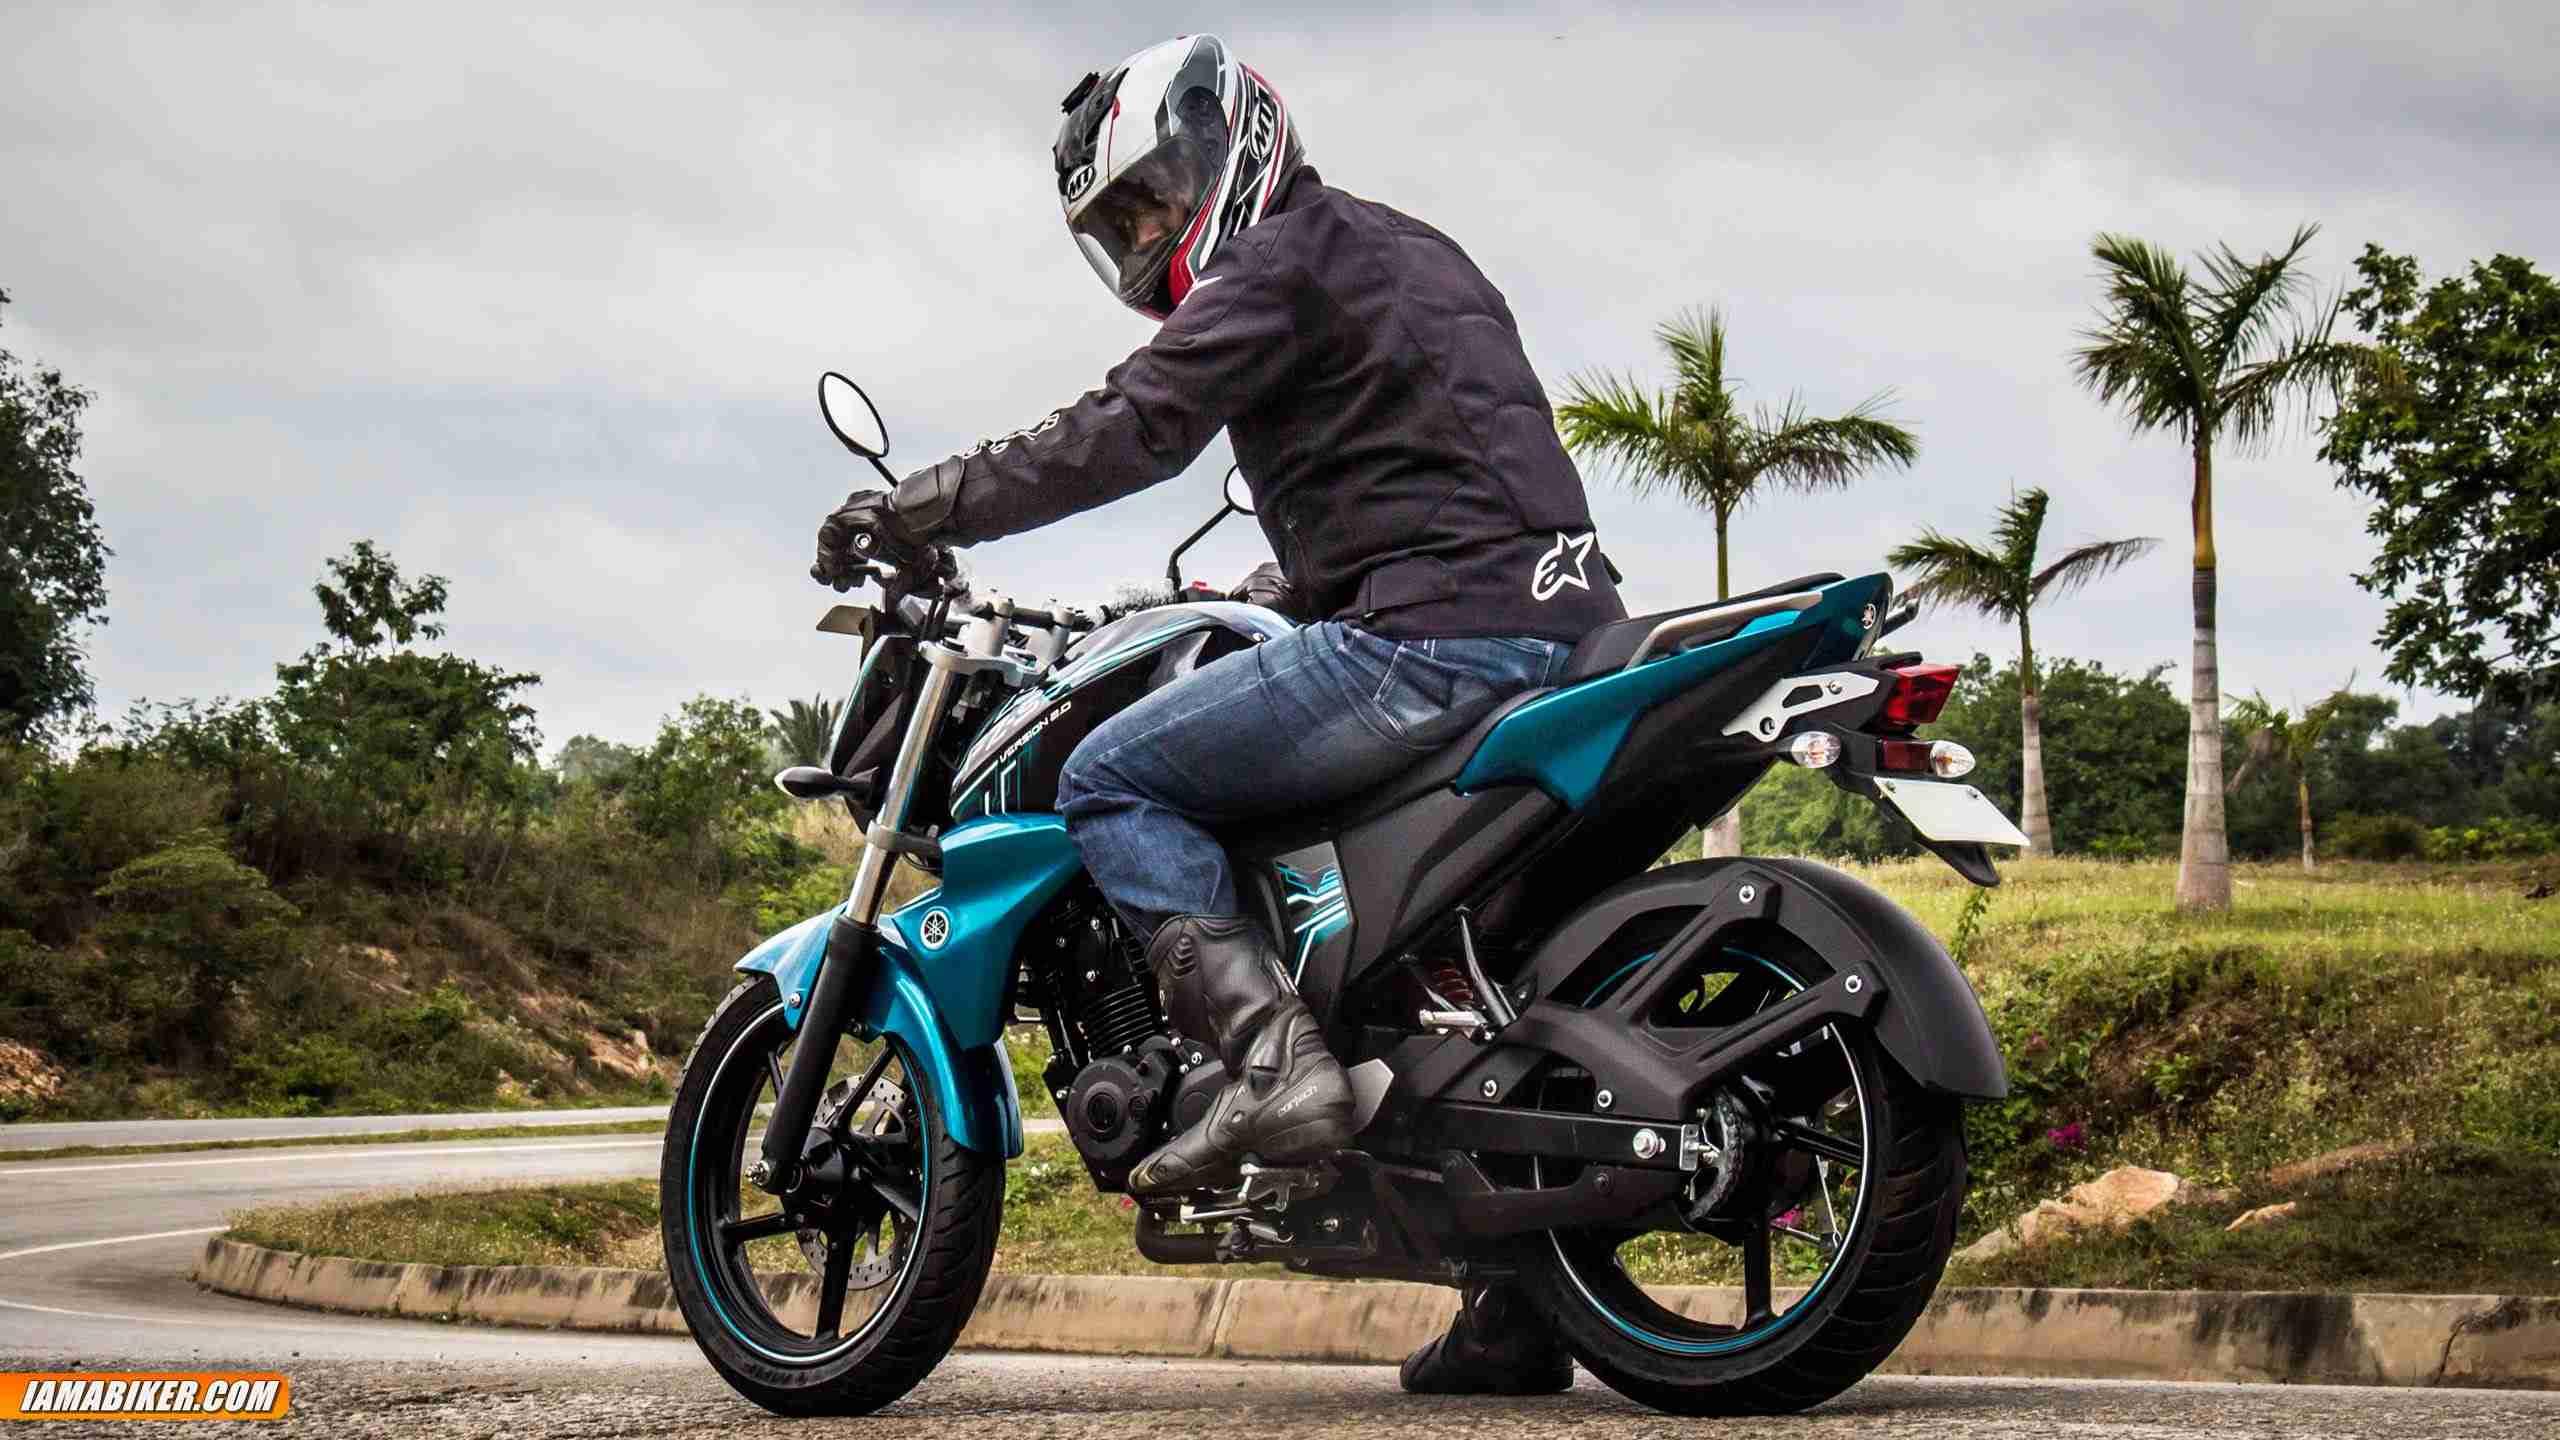 Yamaha V Series Motorcycles